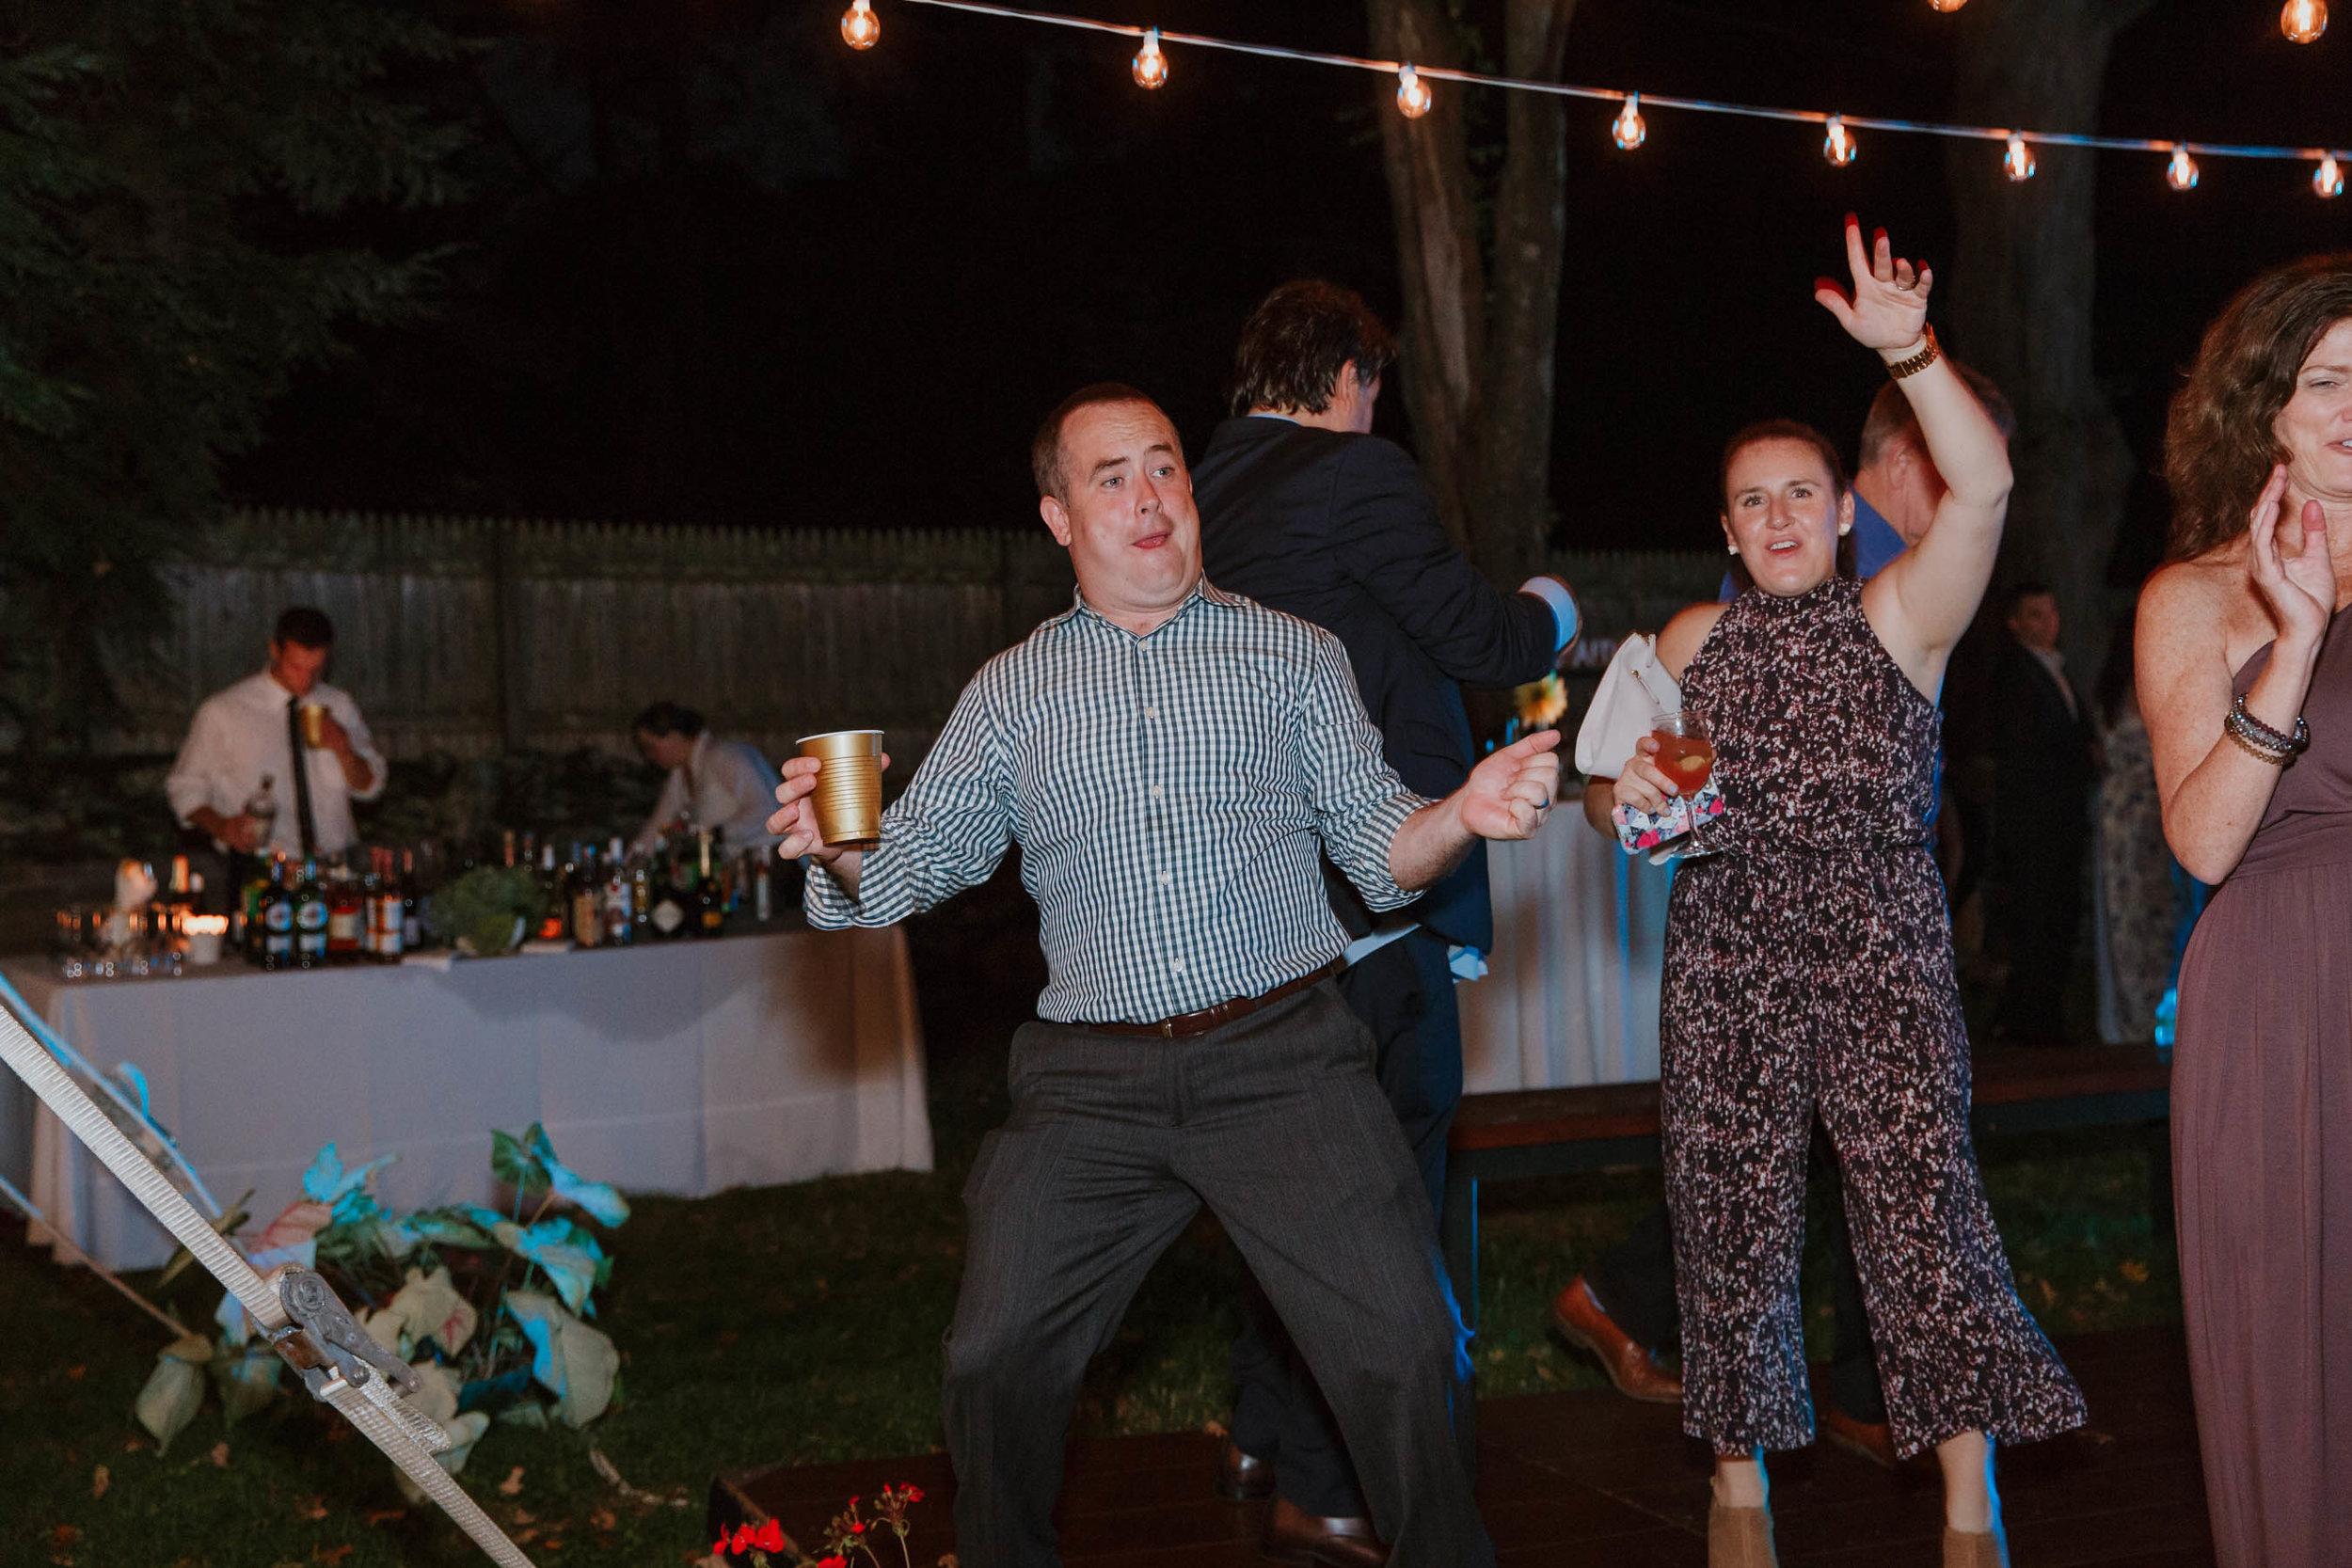 fairfield-county-connecticut-wedding-photographer-91.jpg